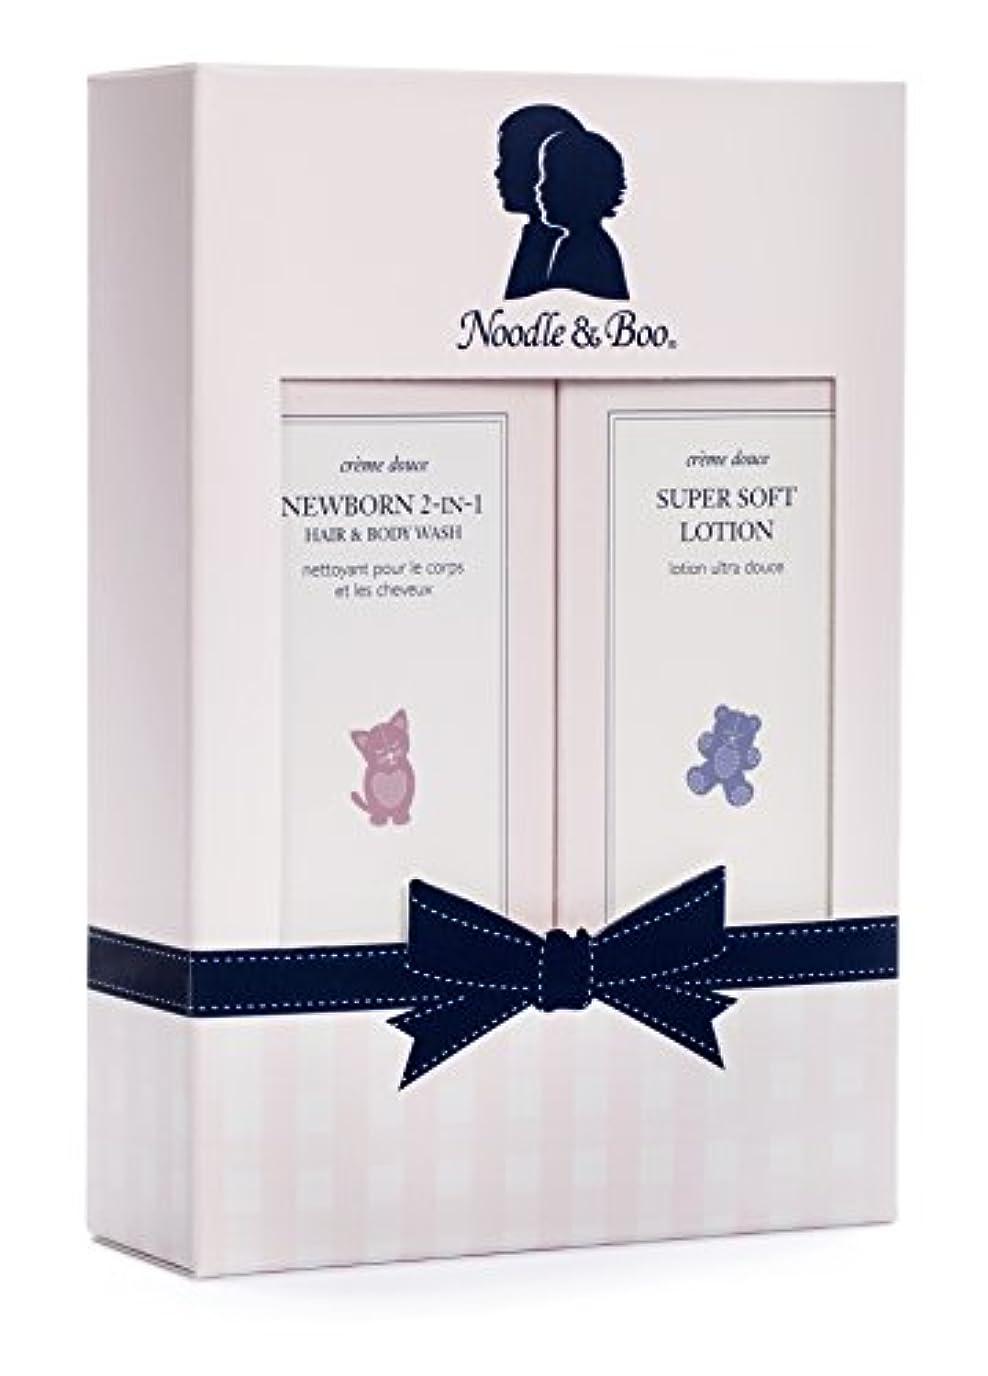 燃料ナイロン溶けるヌードル&ブー Newborn Gift Set: Newborn 2-in-1 Hair & Body Wash 237ml/8oz + Super Soft Lotion - For Face & Body 237ml...